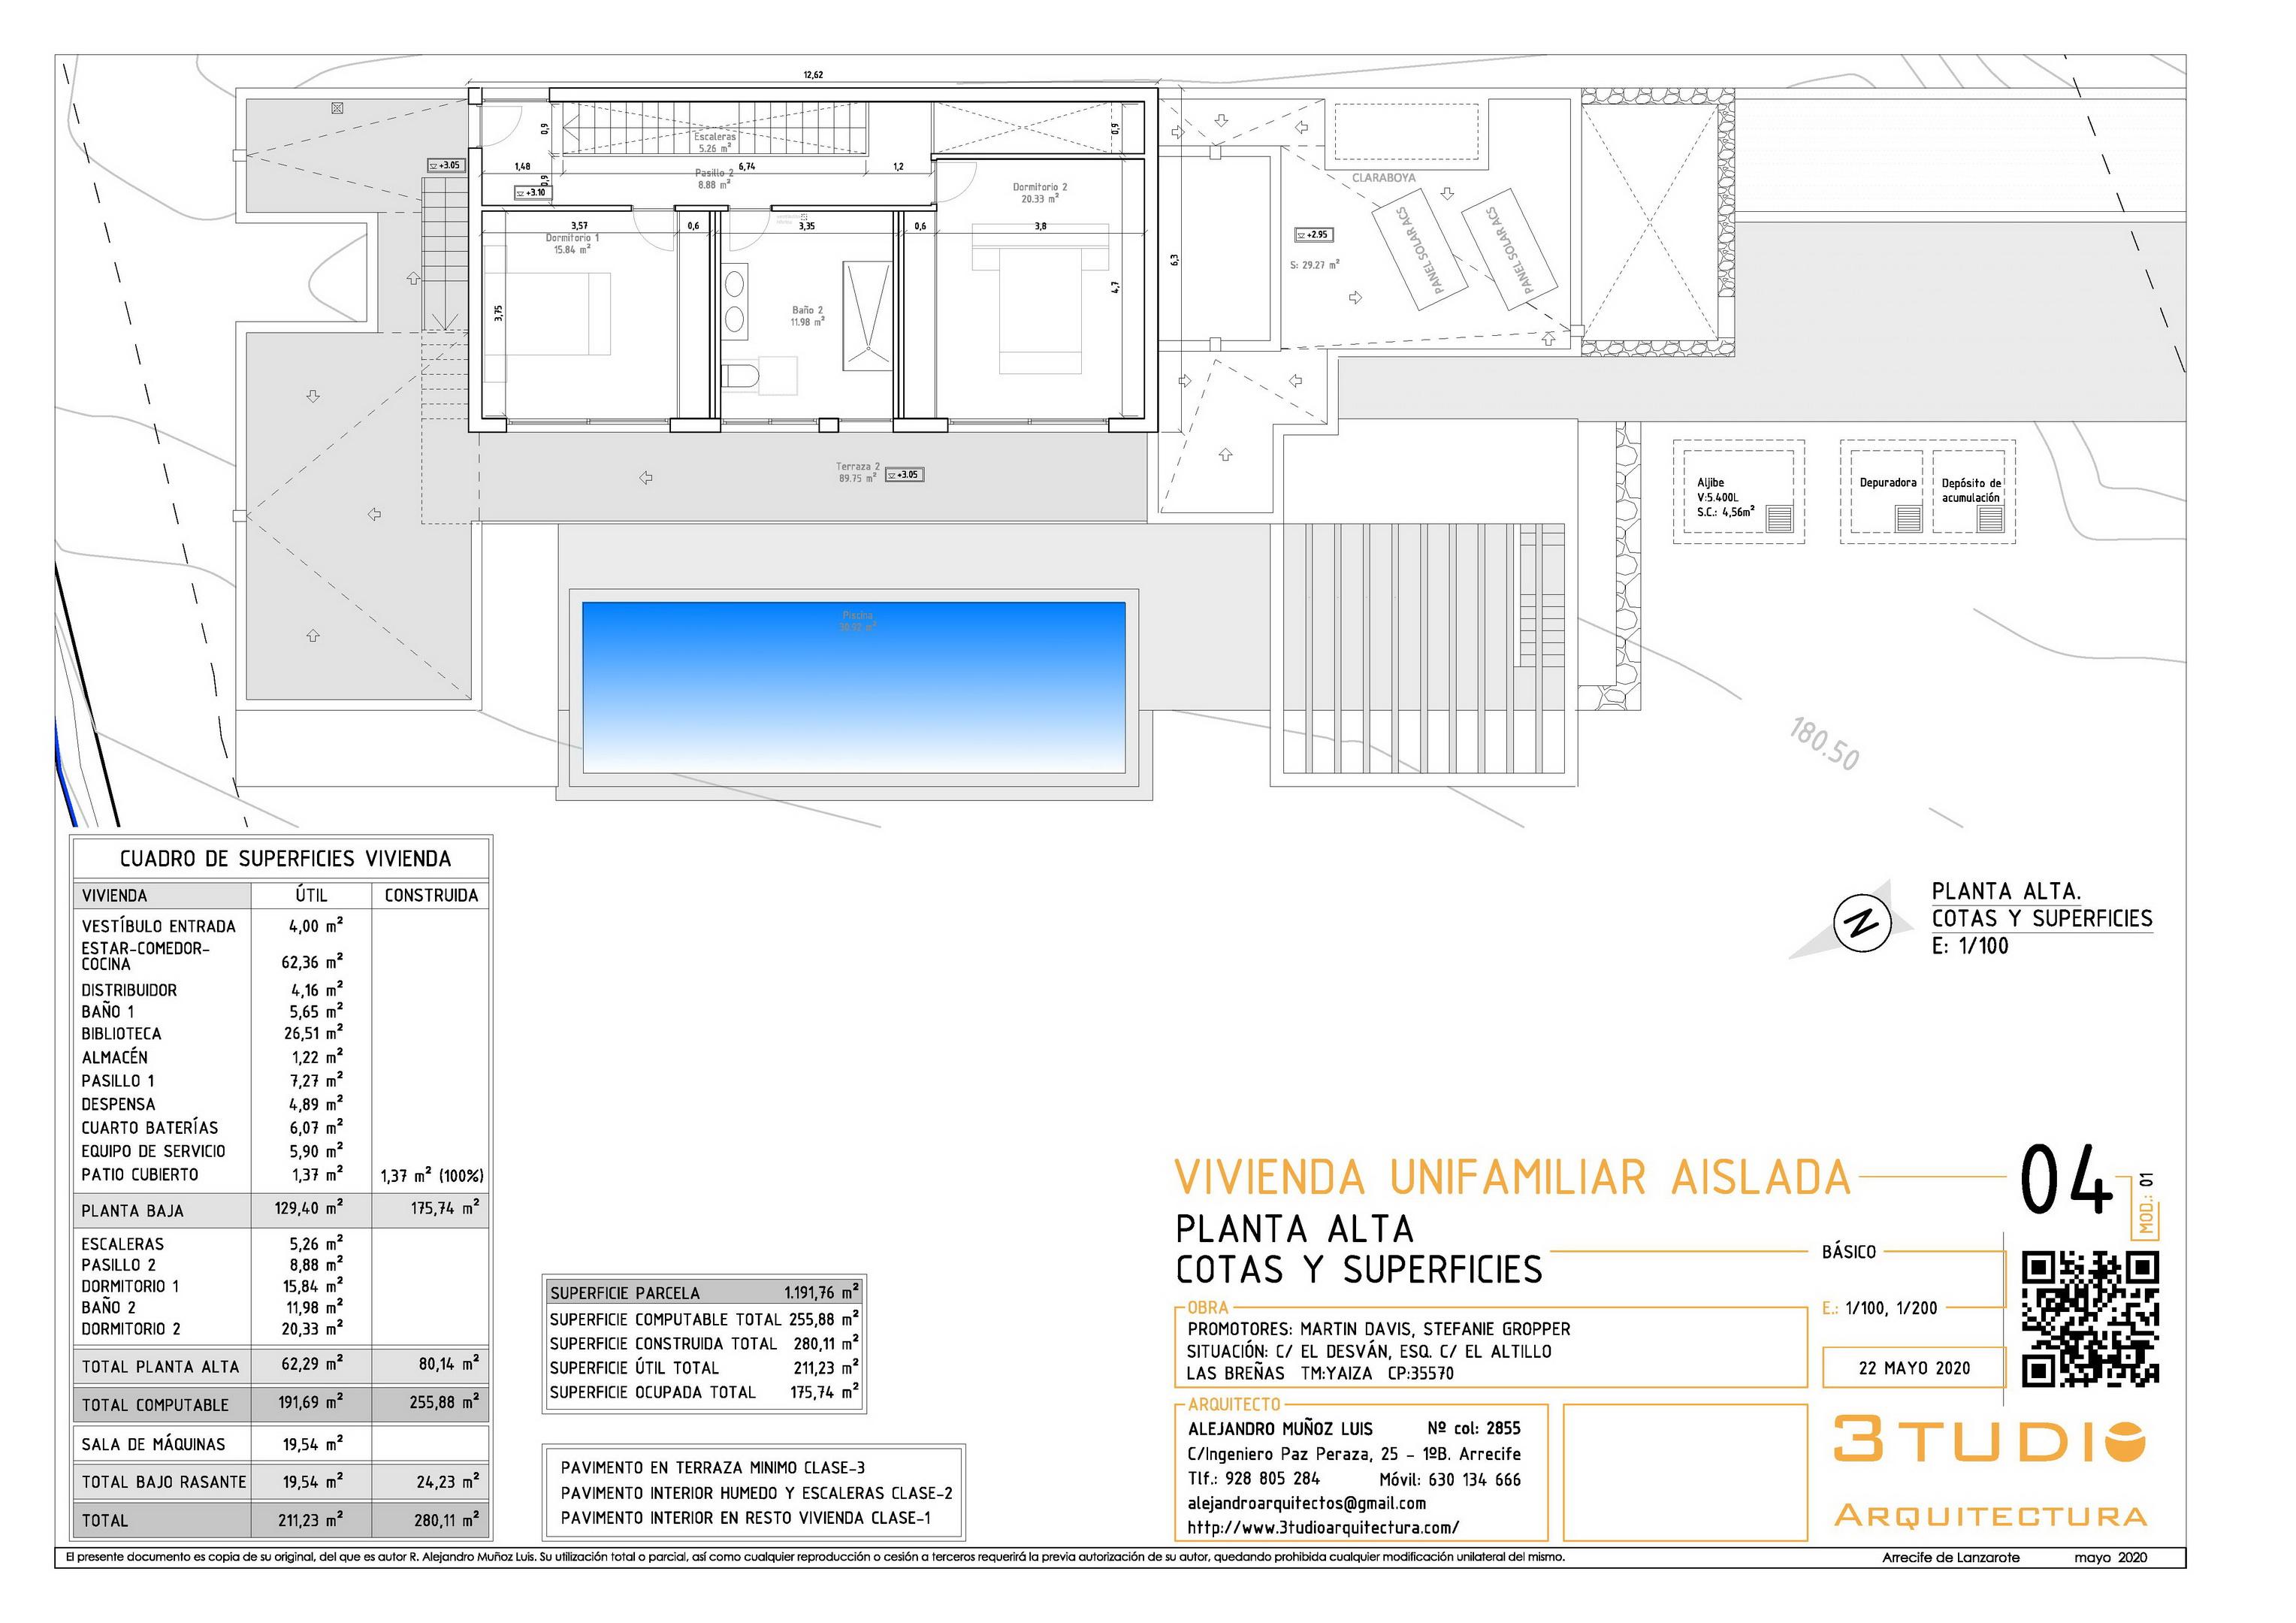 Plans AM 2005 3 04 1